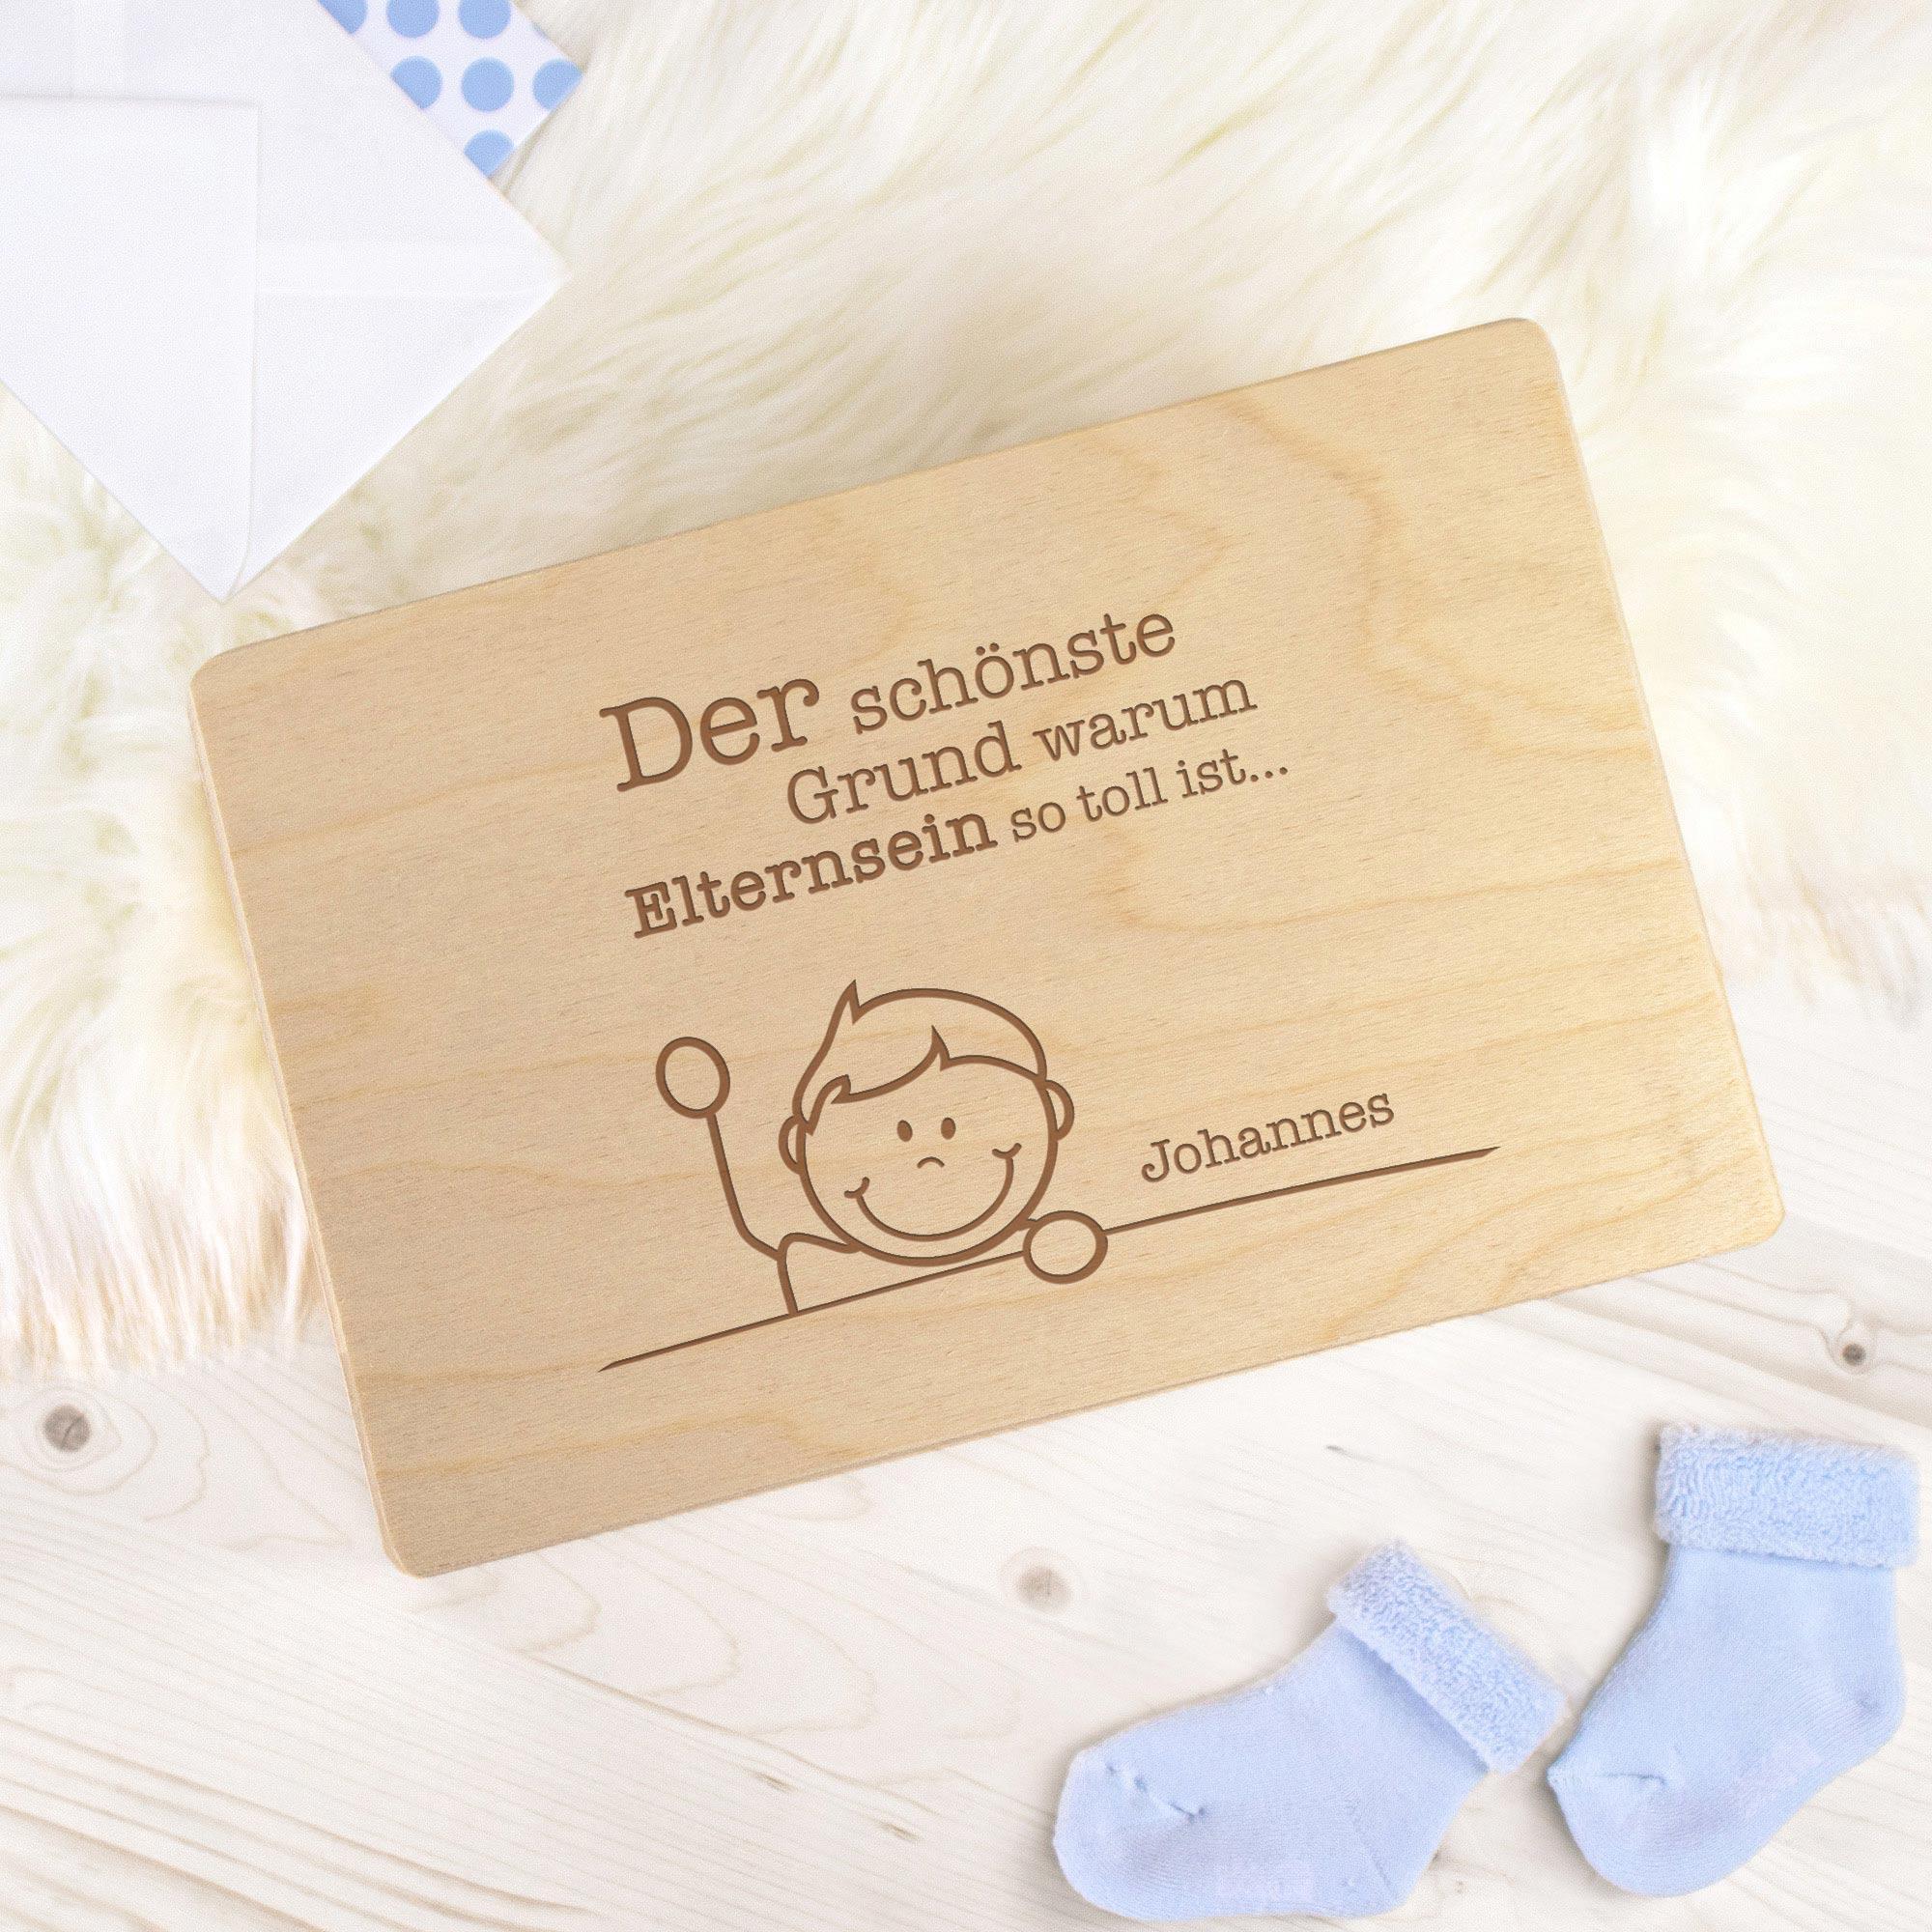 Personalisierte Erinnerungsbox mit Namensgravur - Elternsein